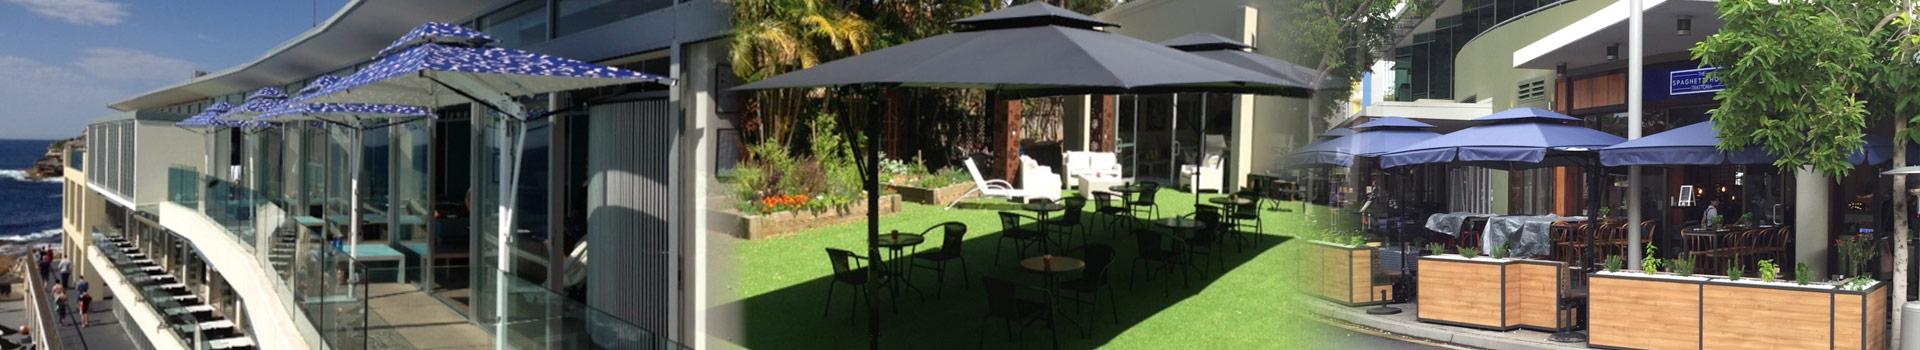 cafe-umbrellas